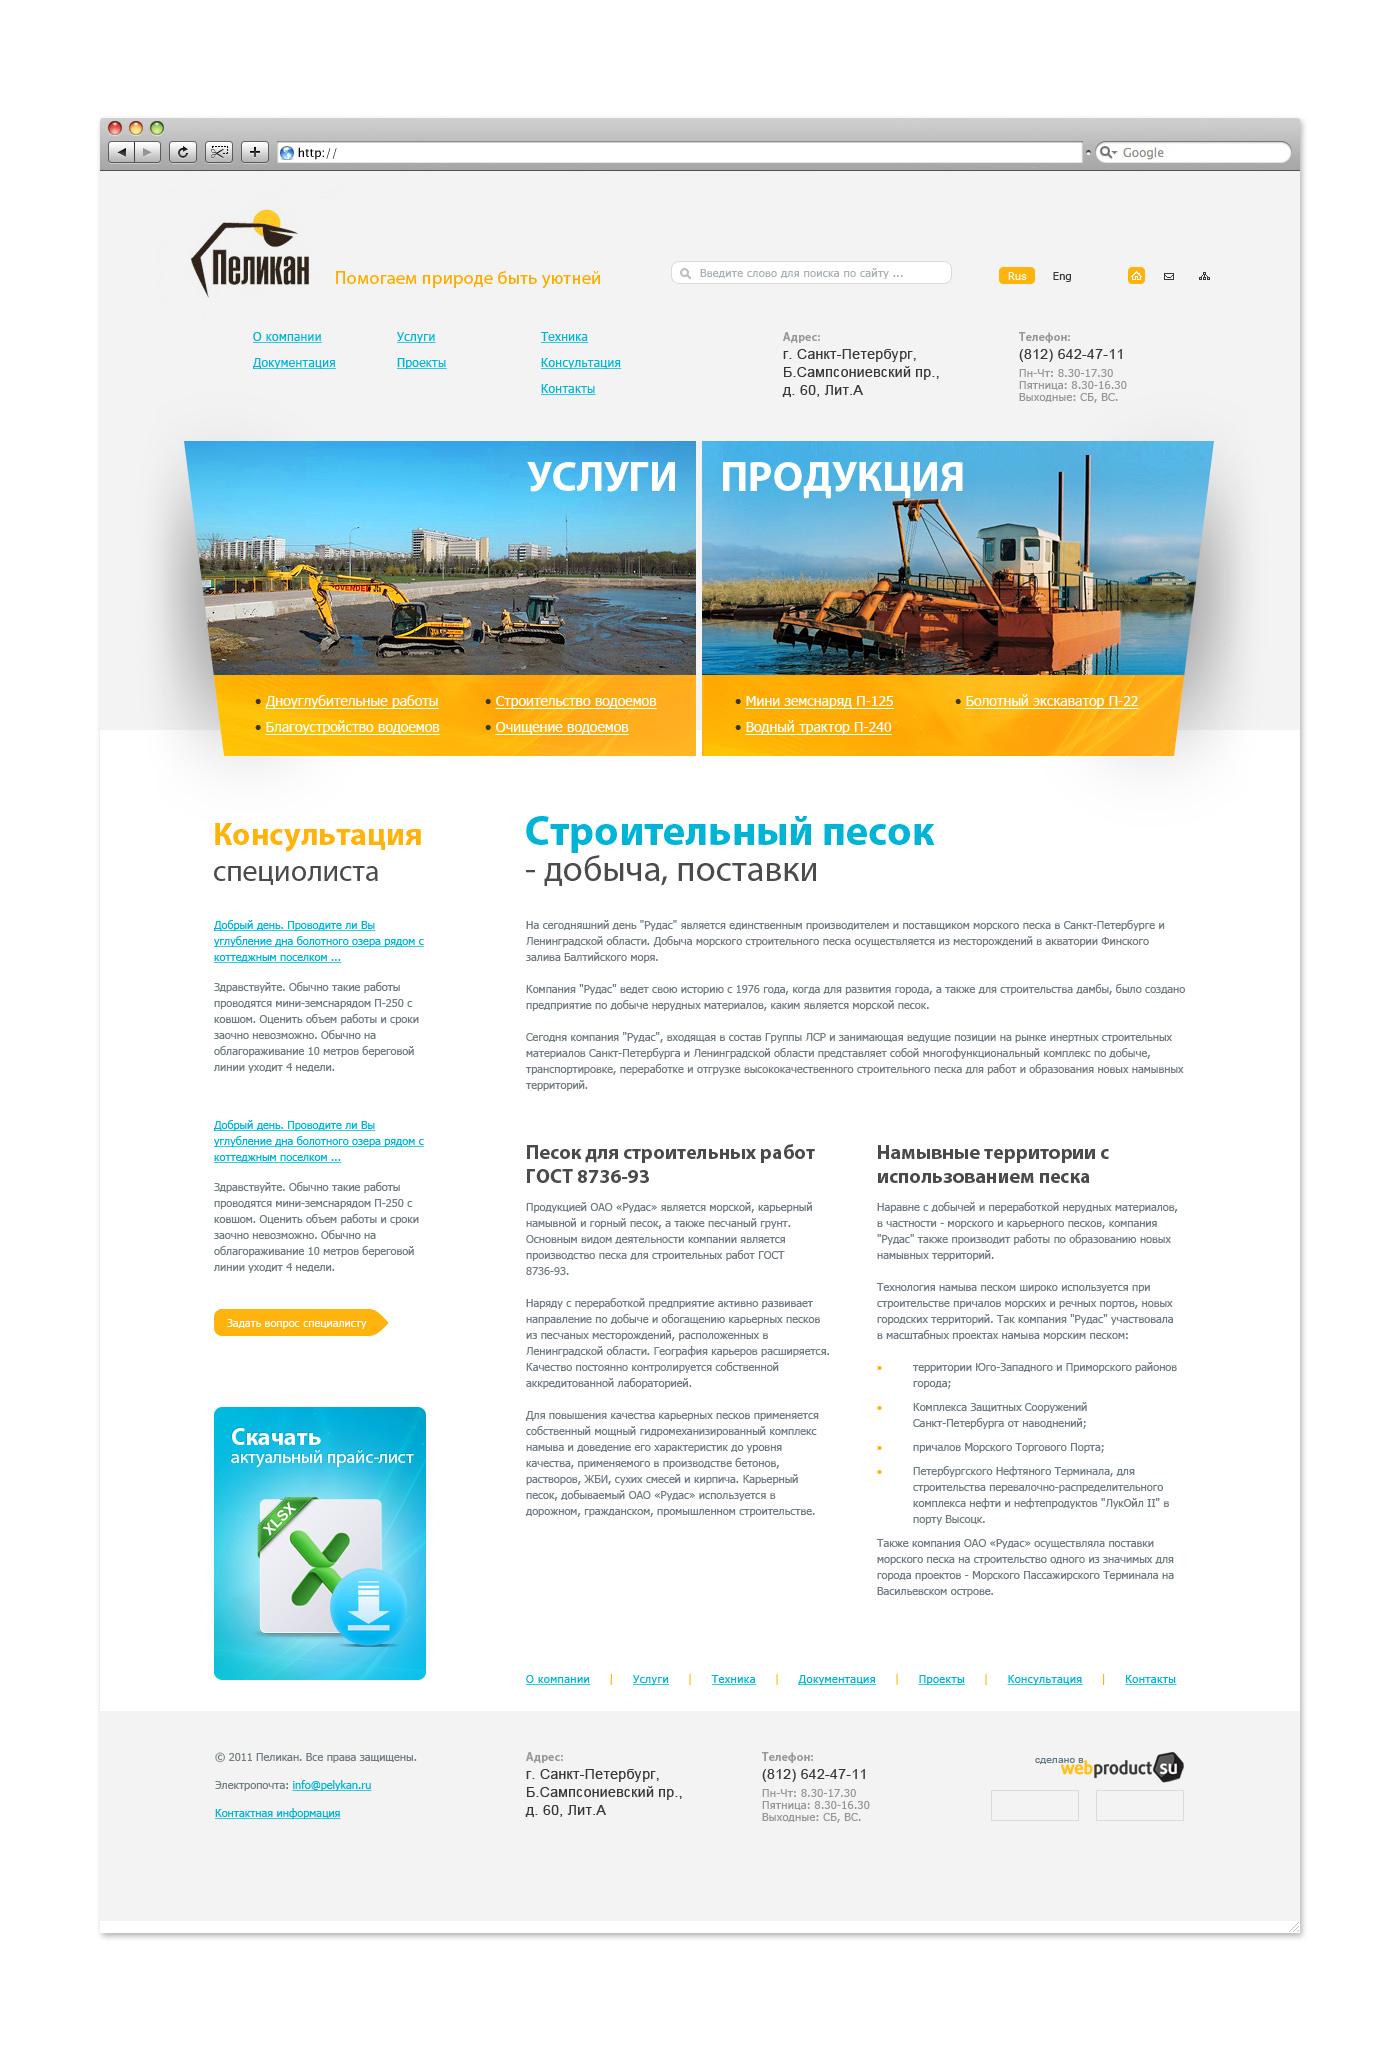 Дизайн сайта Стройтельной компаний дамб